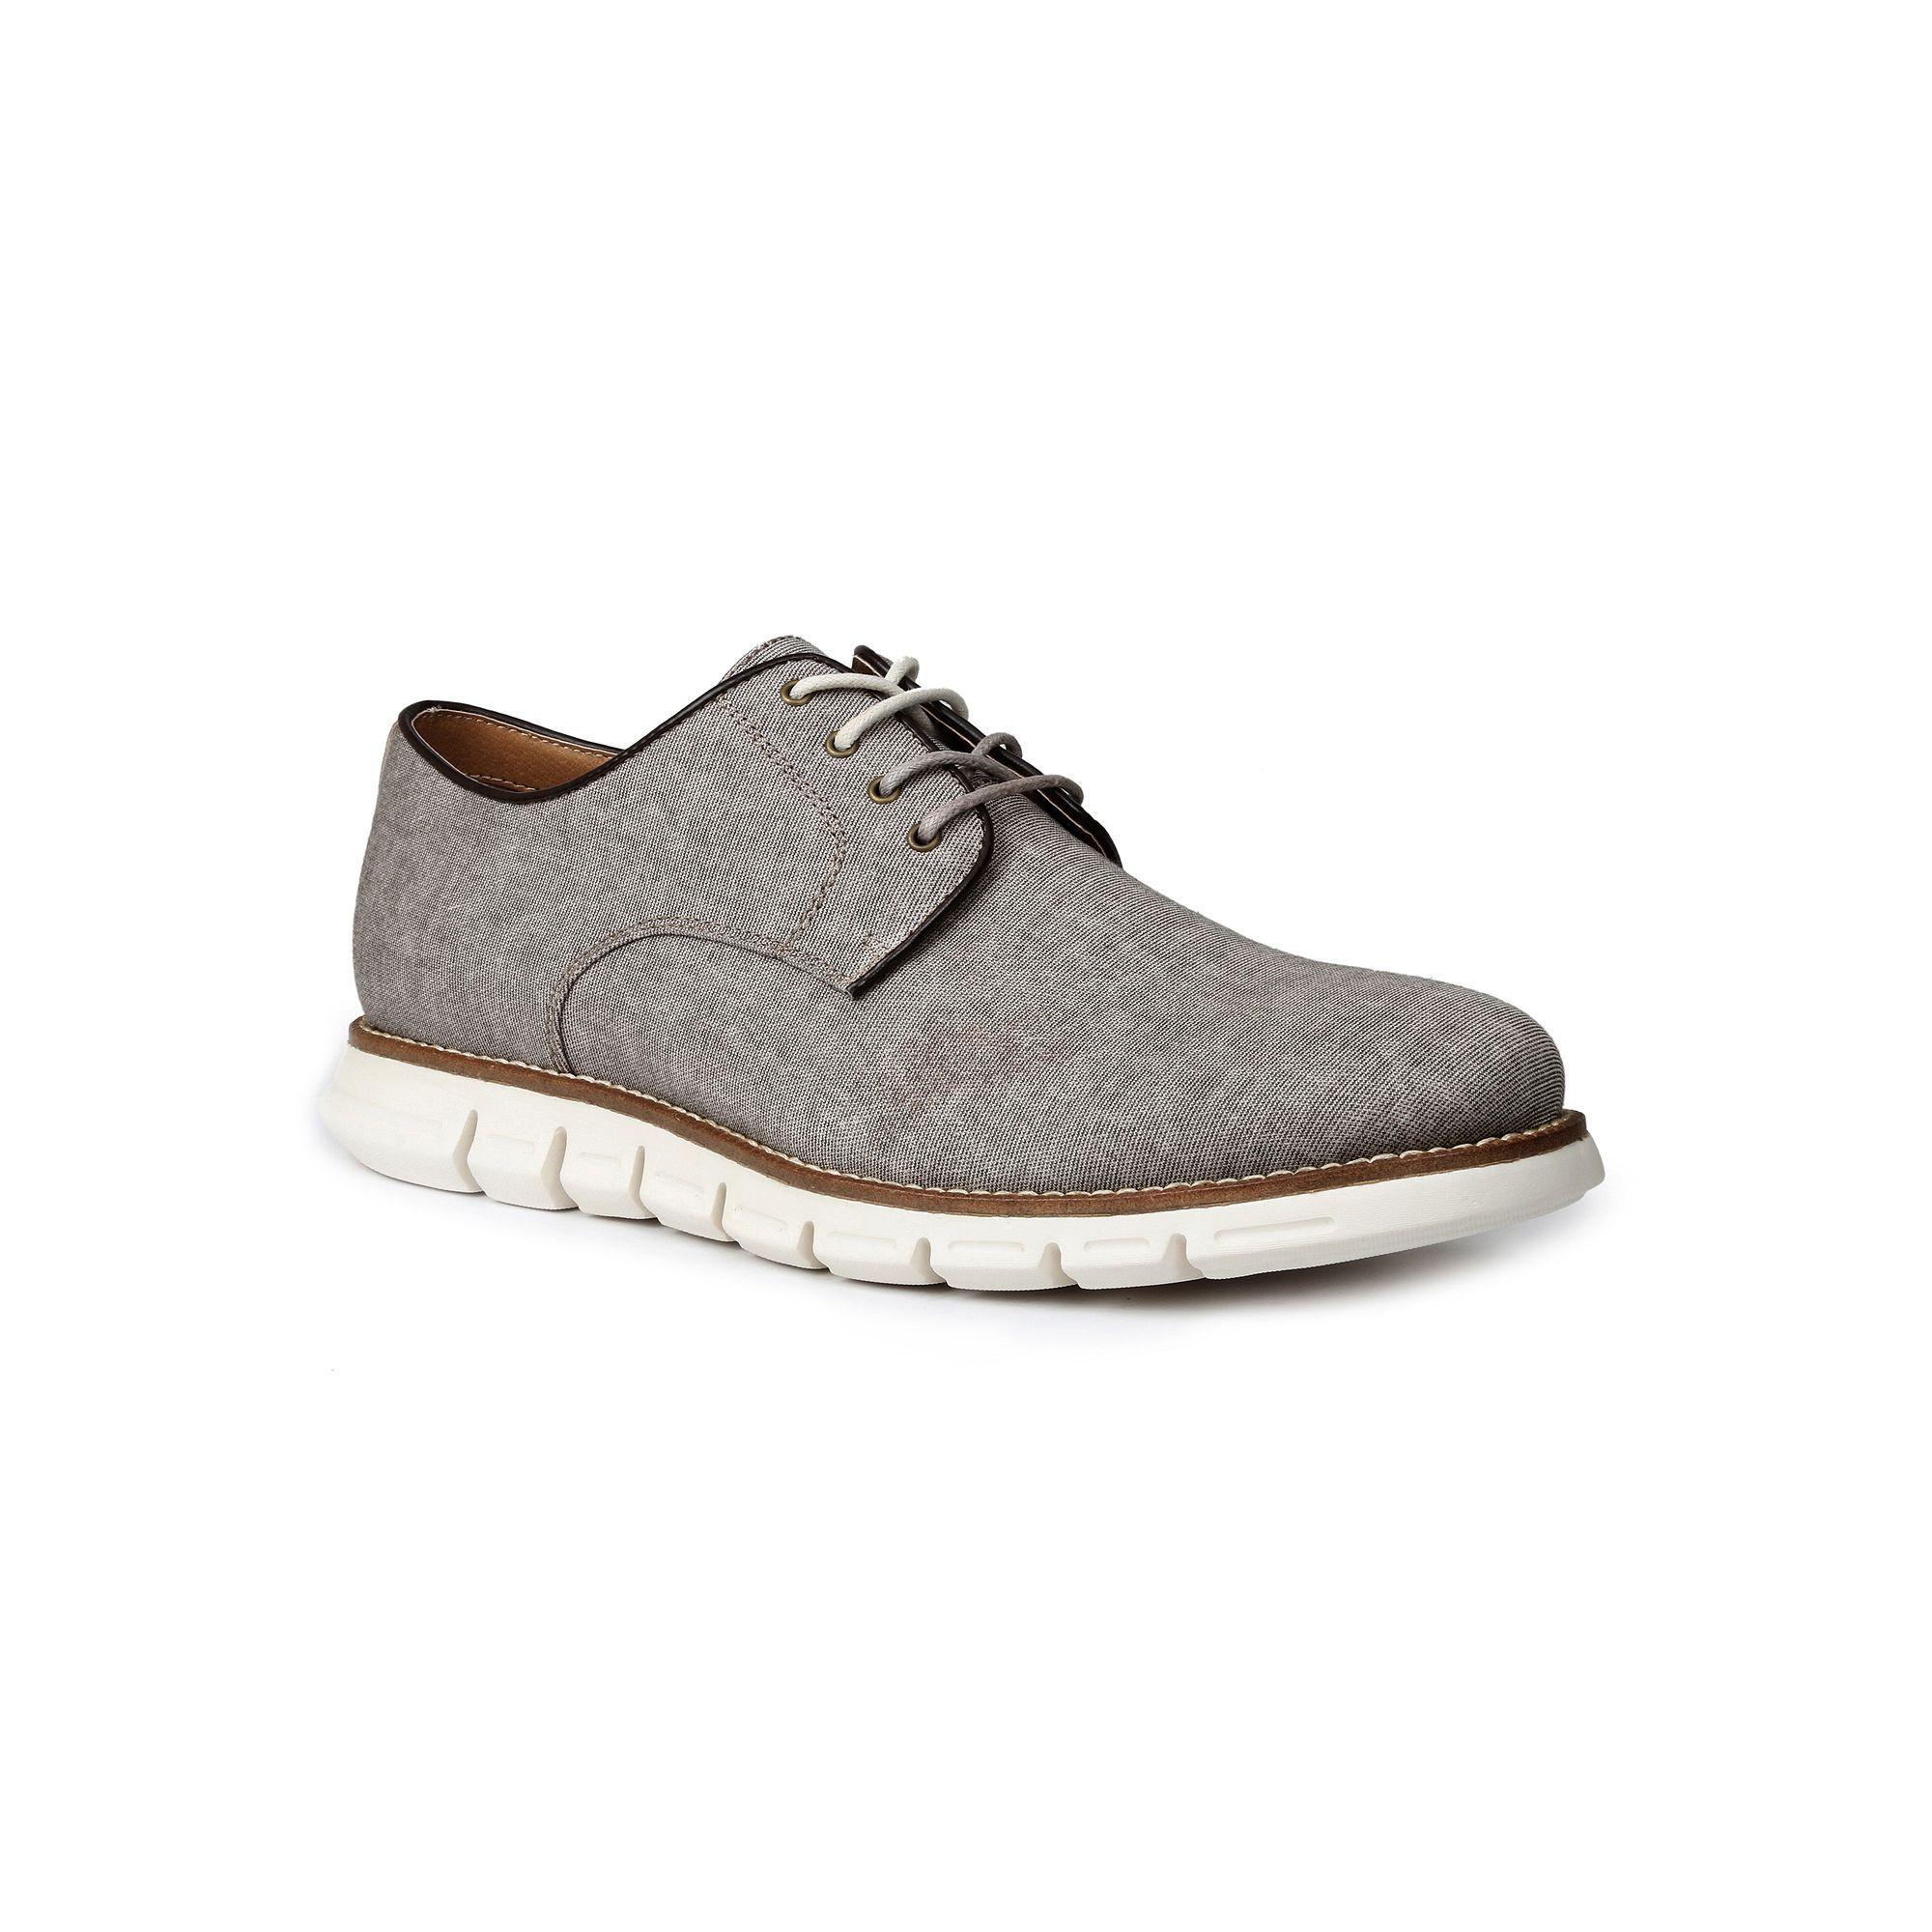 070b285a5e GBX Haste Men s Oxford Shoes